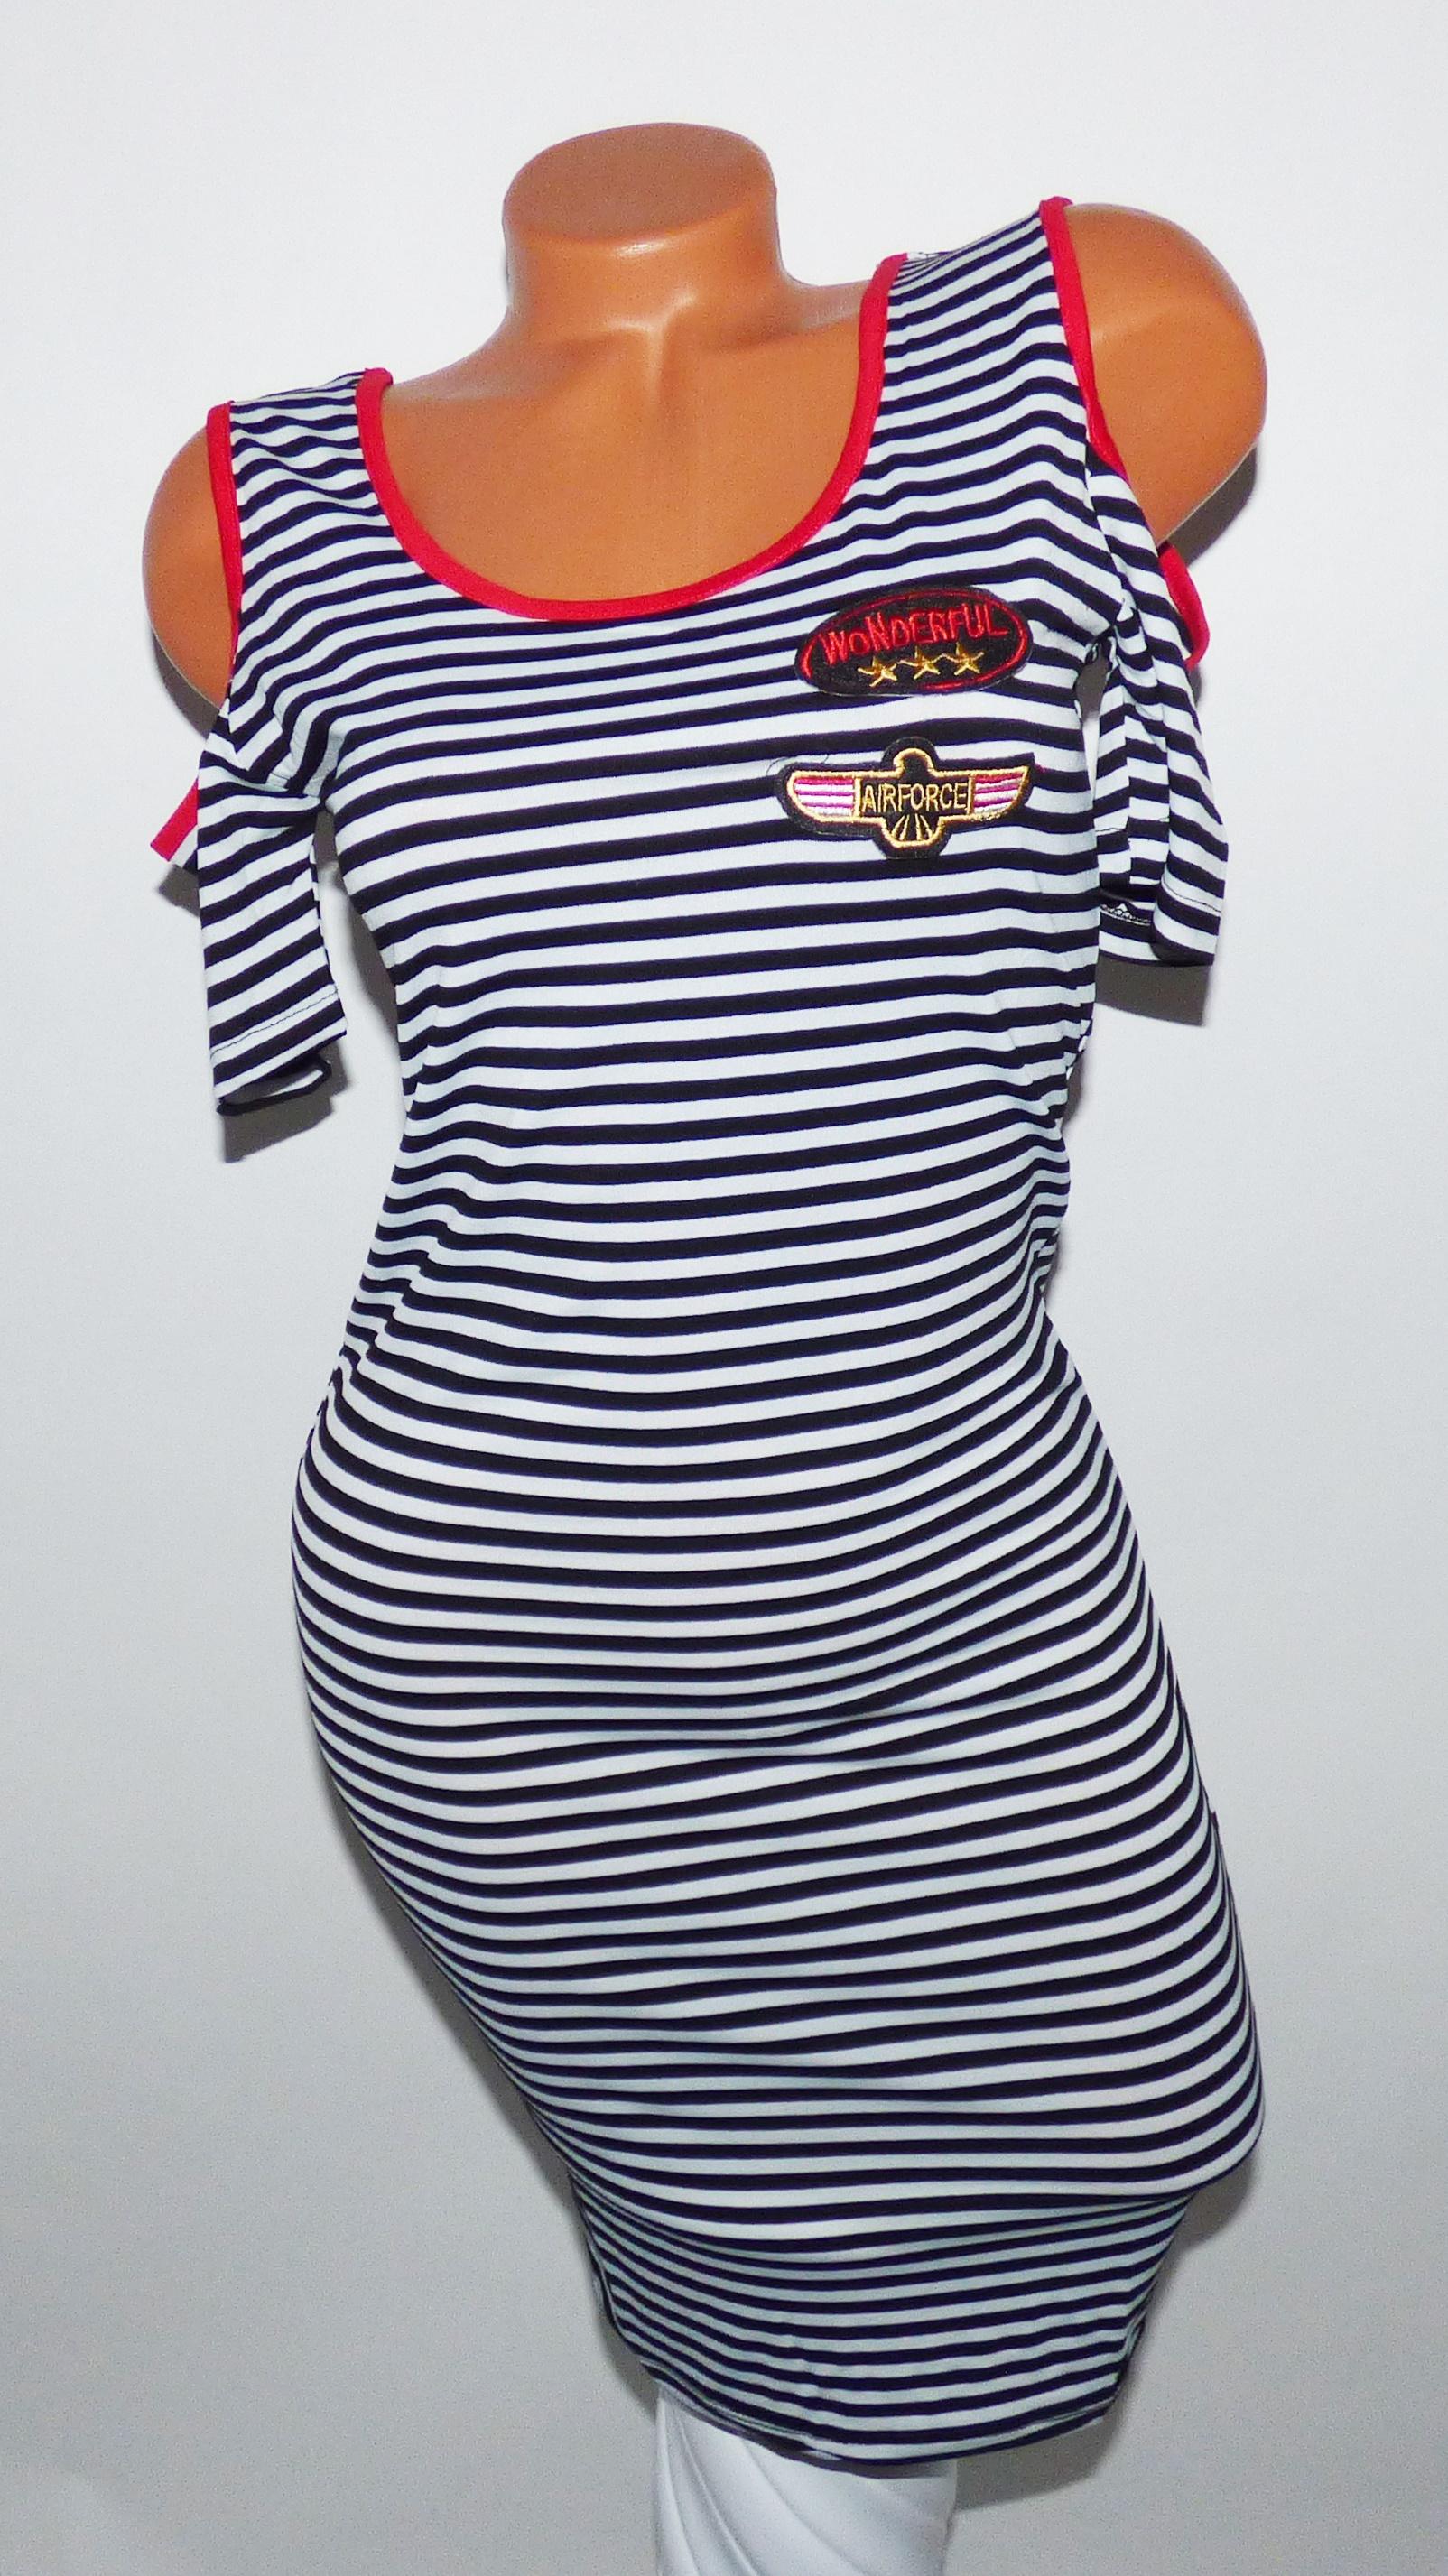 935bf39123 Csíkos, vállvillantós ruha - Ruha - Luna Gardrobe Női ruha WebÁruház,  Akciós - olcsó női ruha, Női ruha webshop, Online trendi - divatos ruha